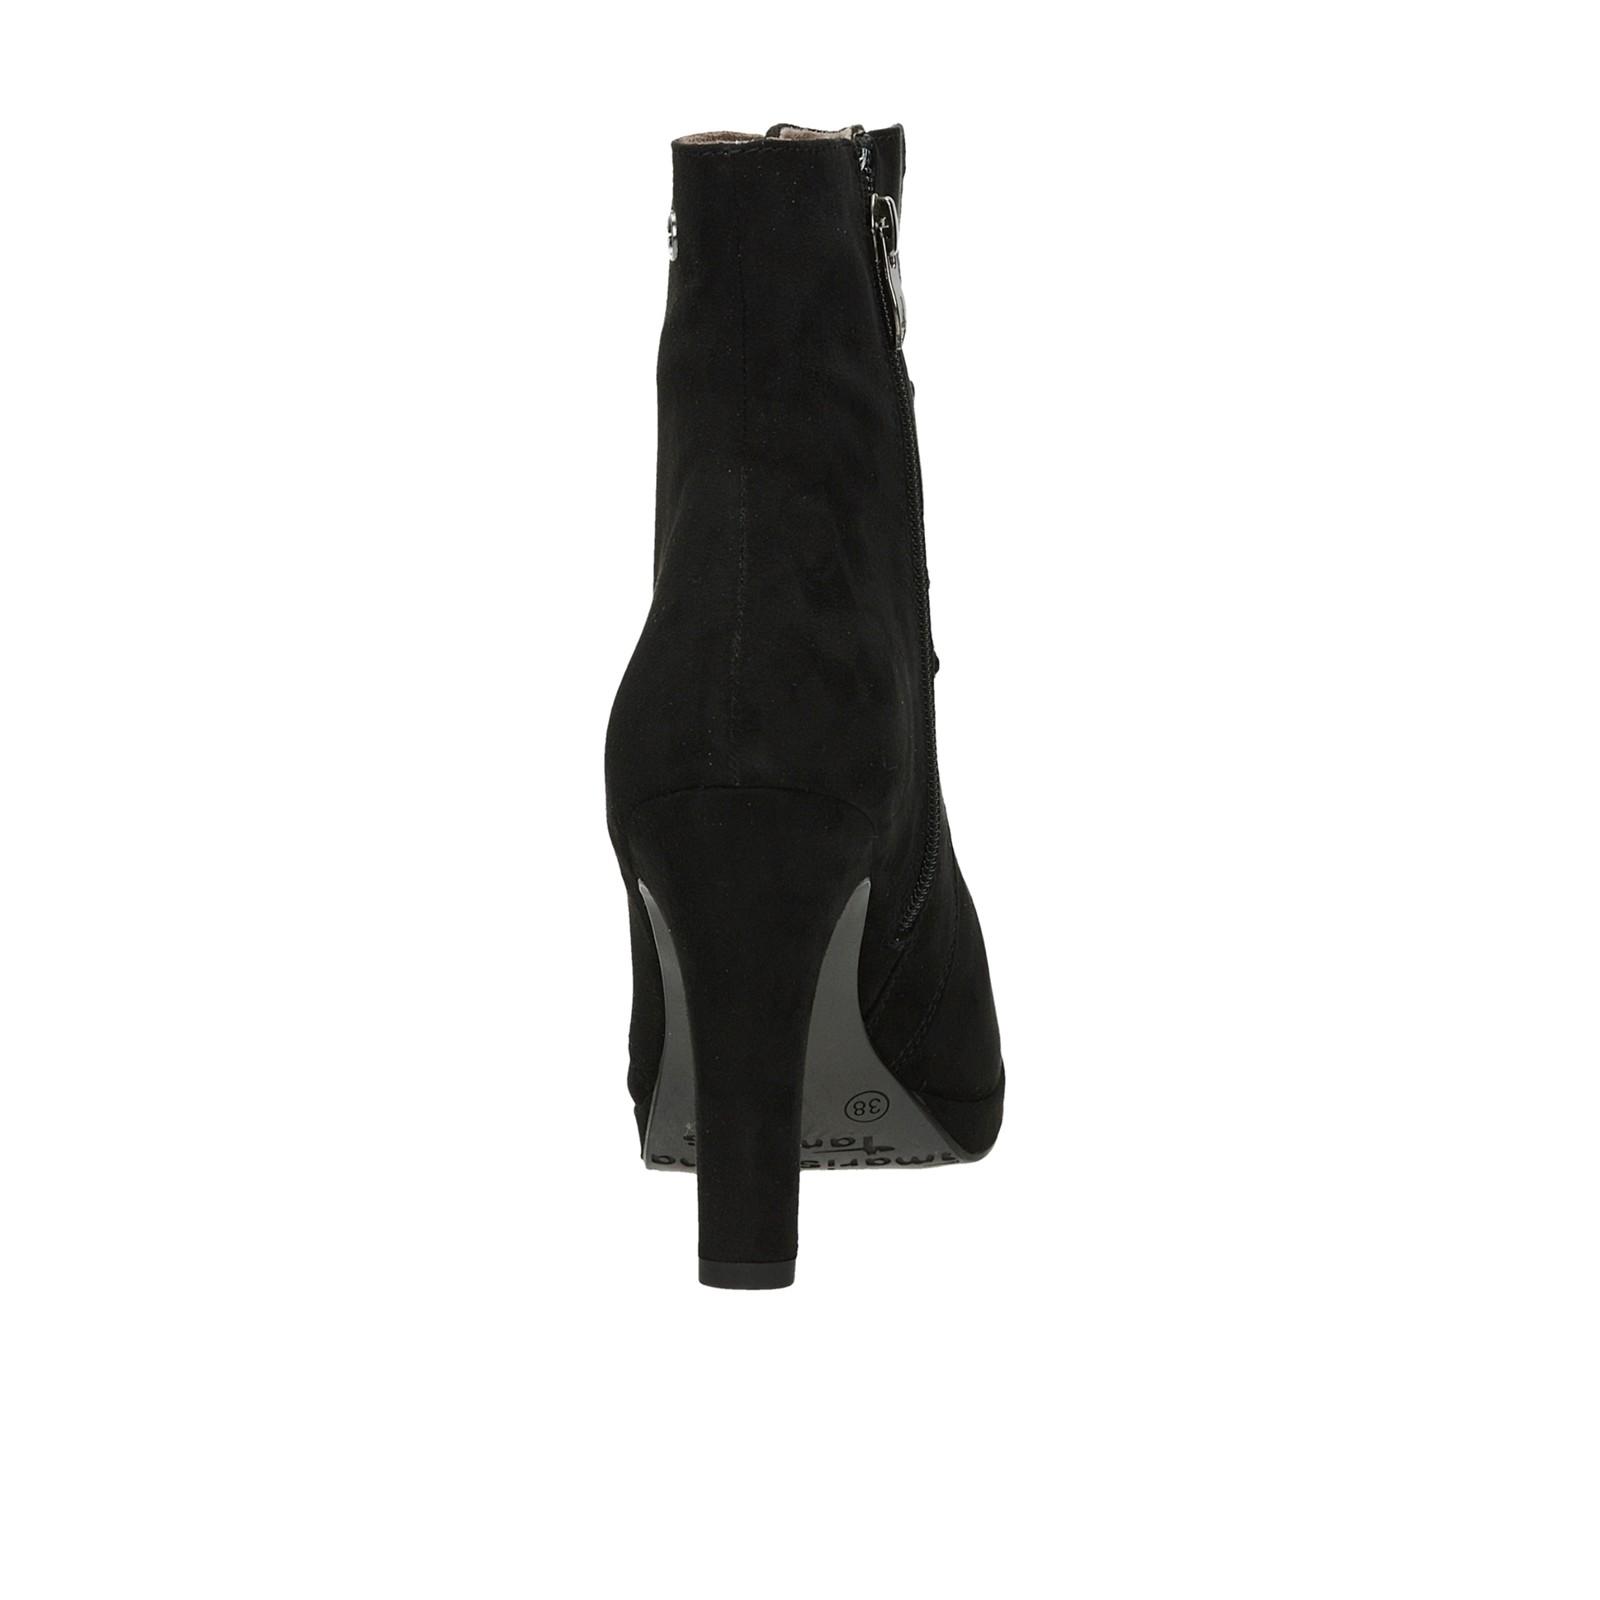 ... Tamaris dámské kotníkové boty na vysokém podpatku - černé ... 53f9b238ac